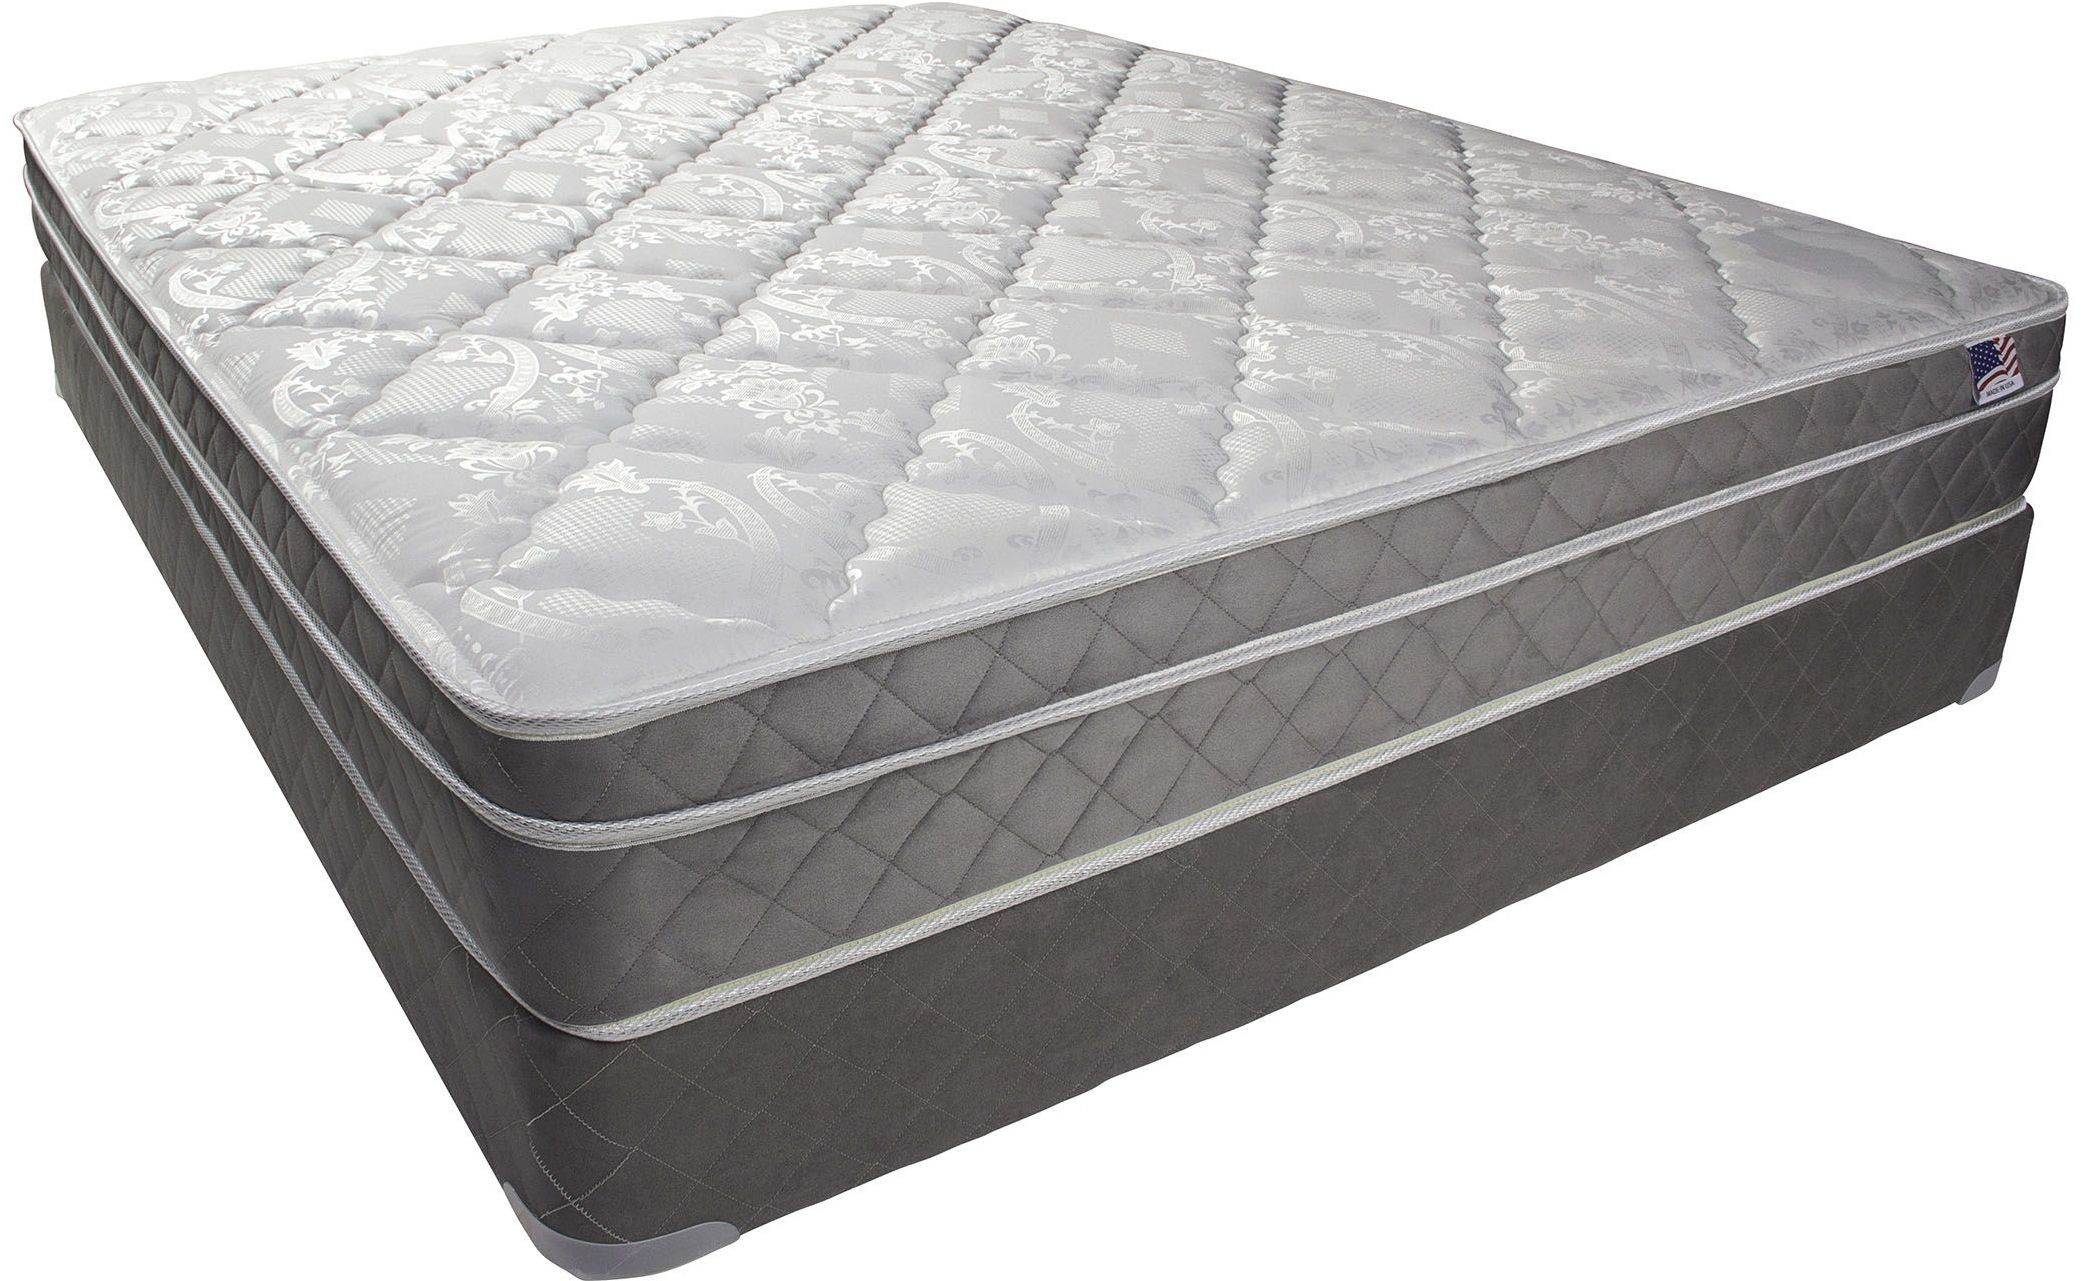 Kalina 9 euro pillow top queen mattress dm121q m for Furniture of america mattress